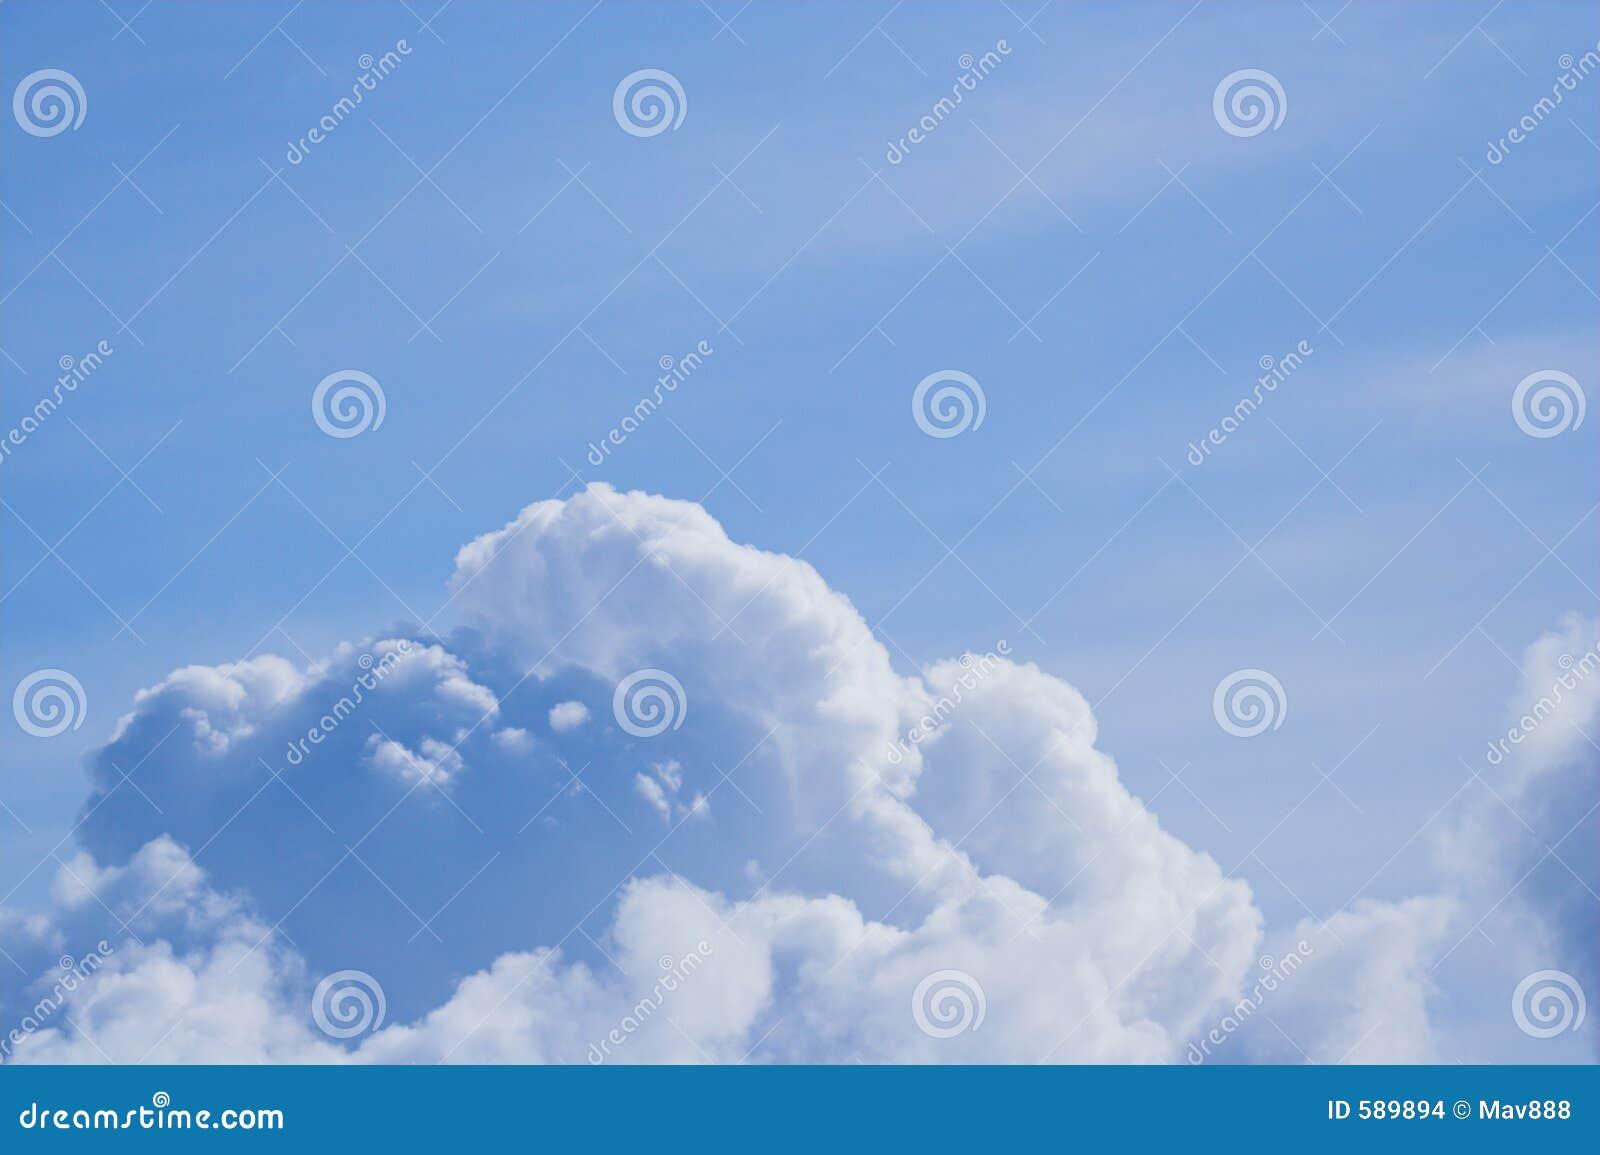 Nuvens de encontro a um céu azul